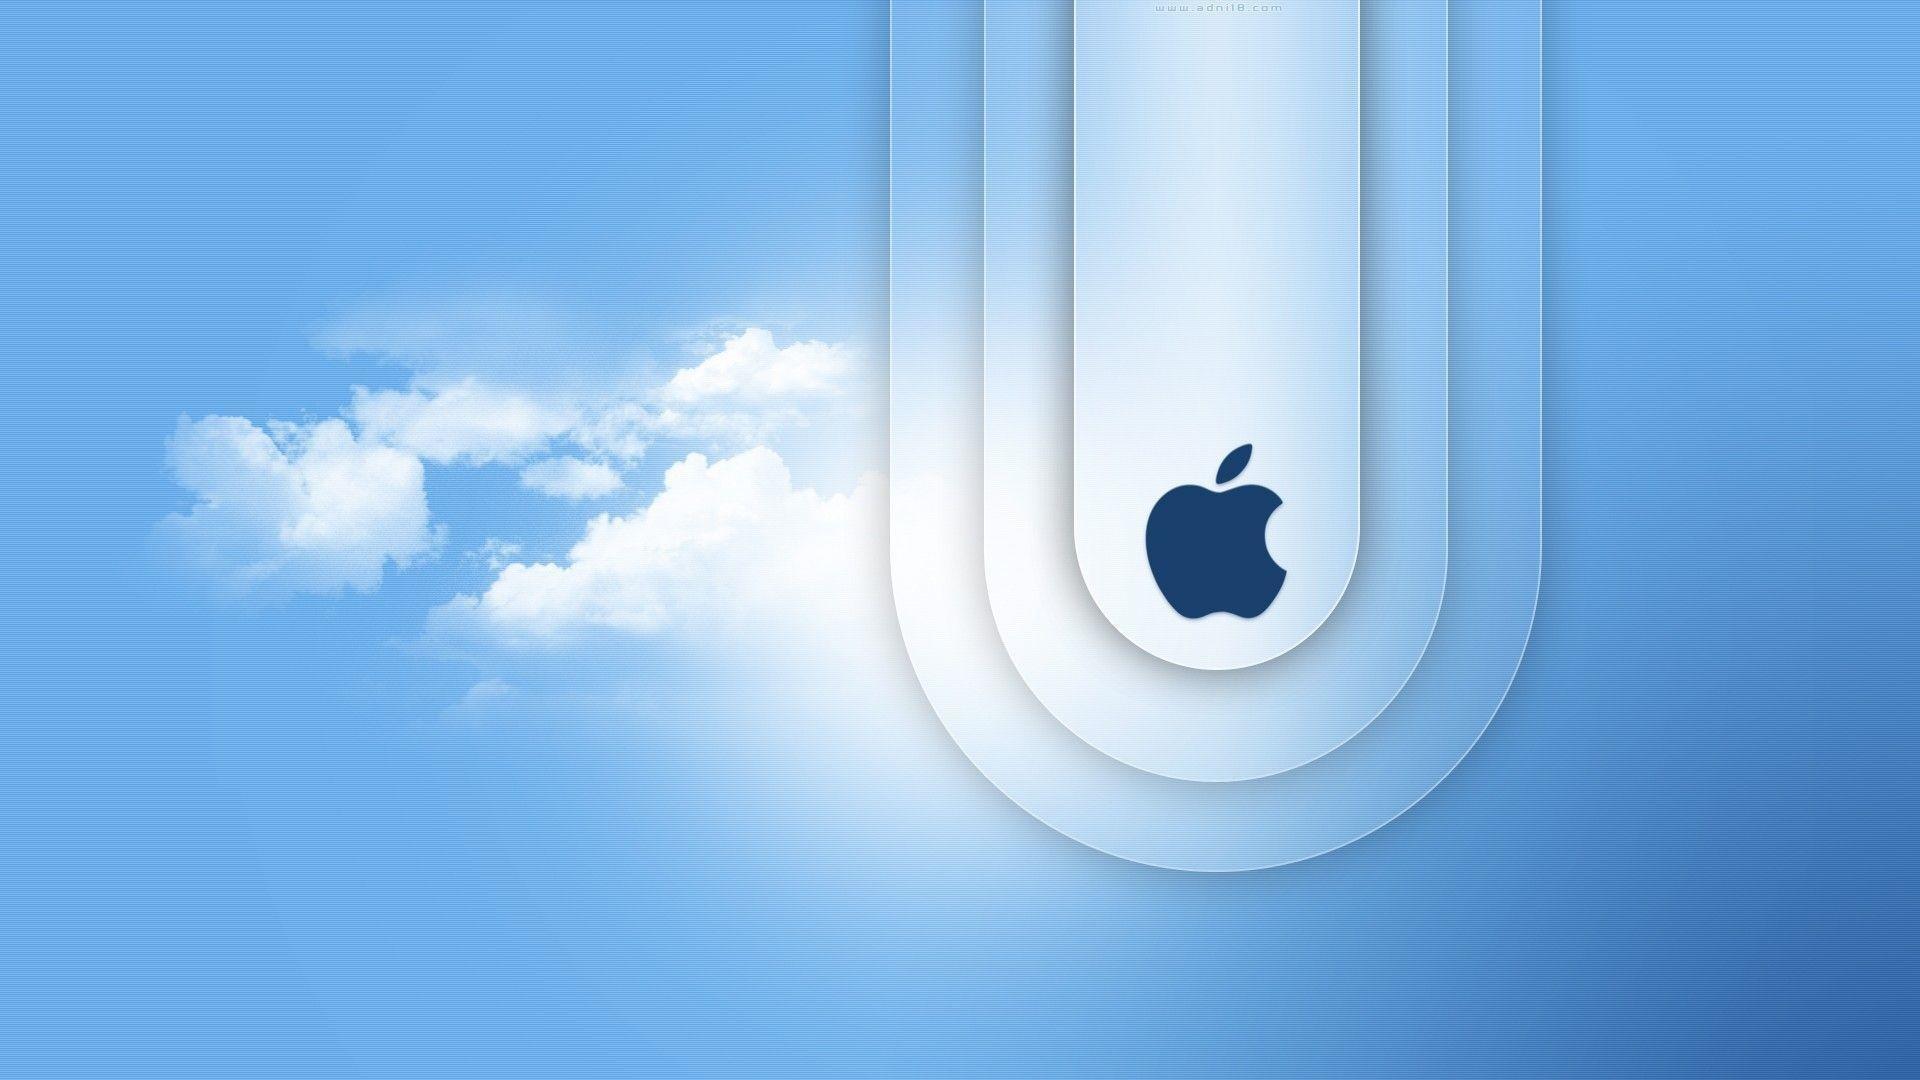 Macbook Air wallpaper – 1315894